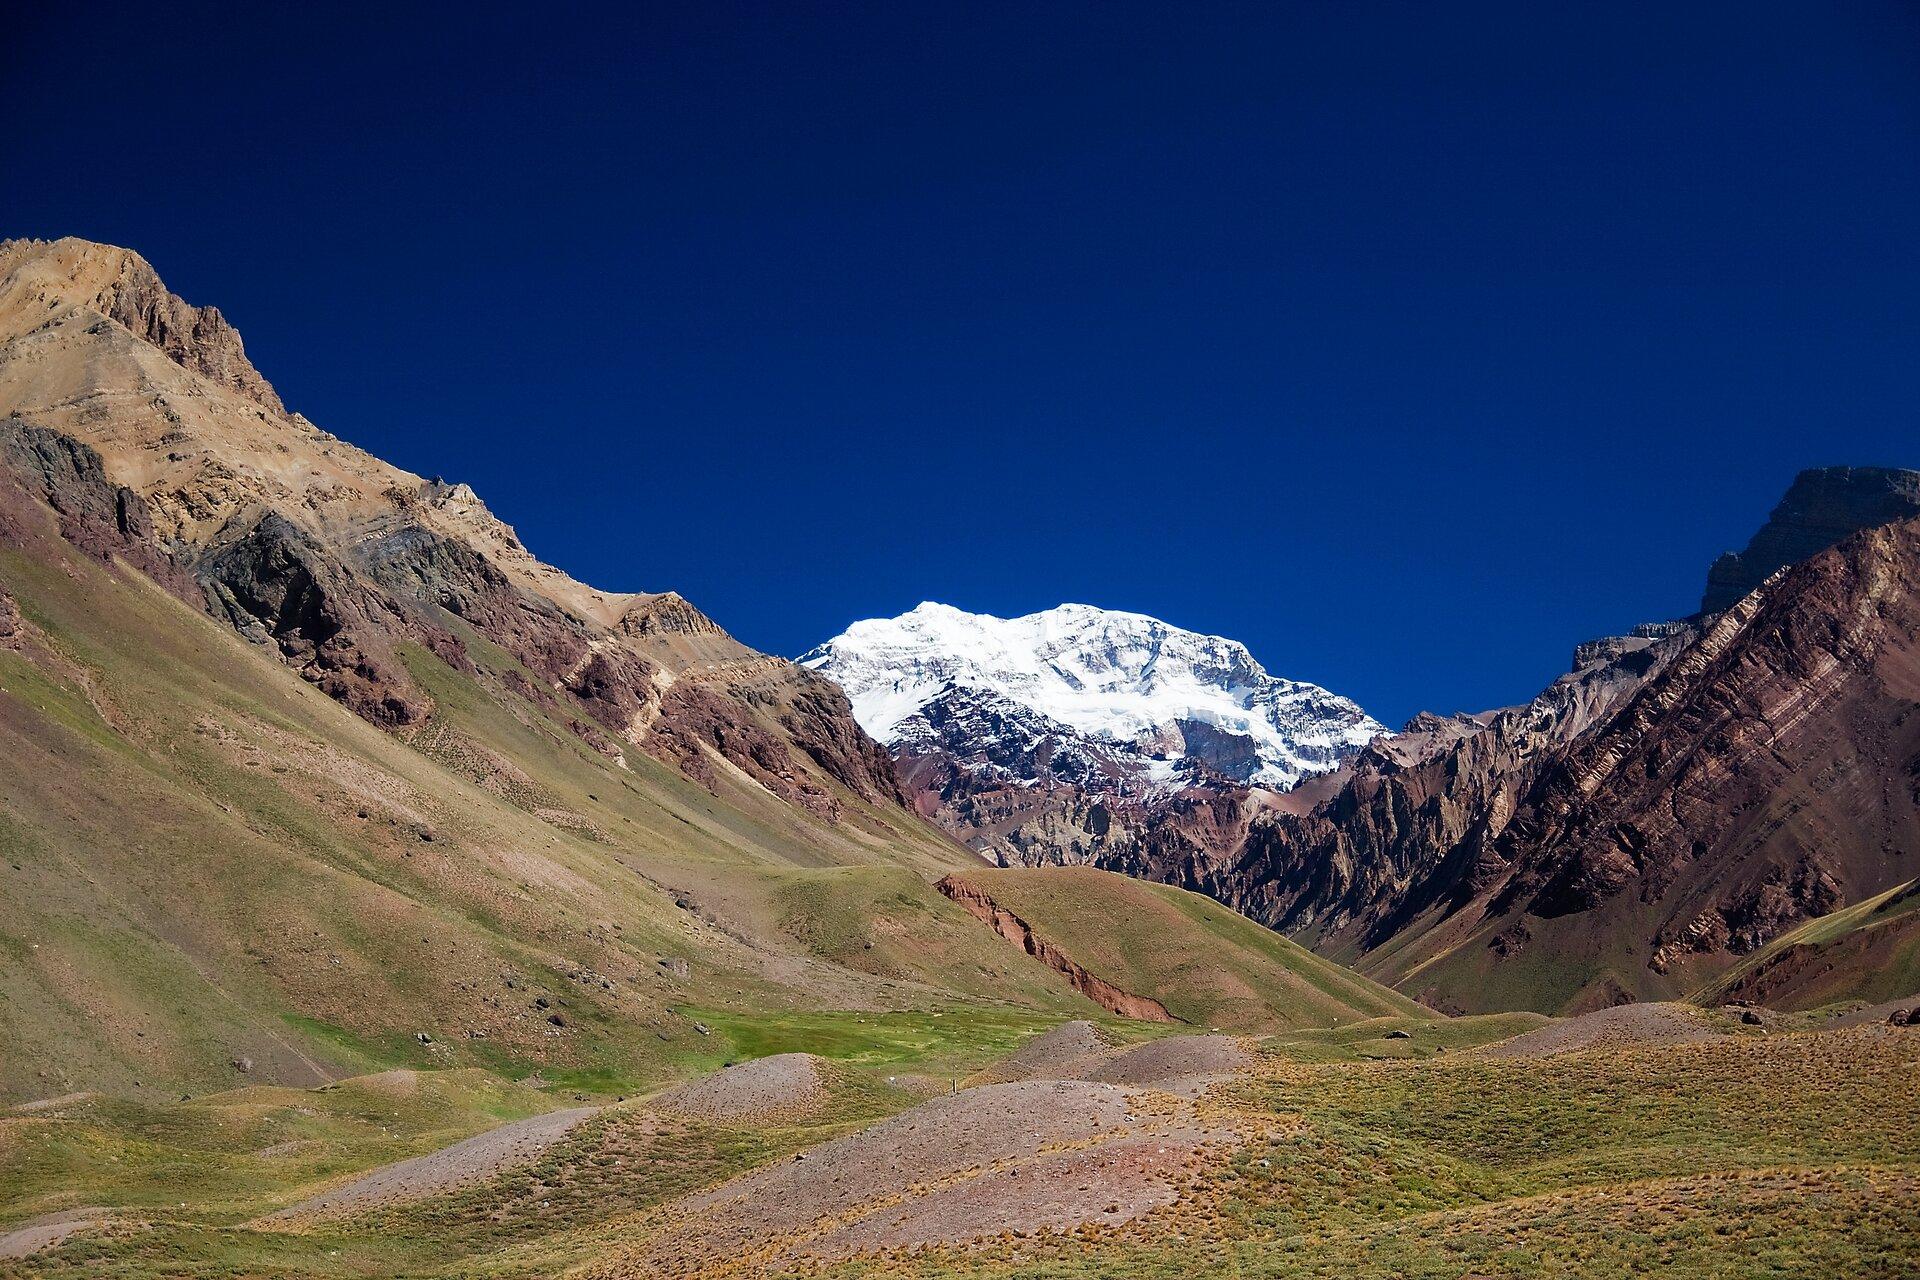 Na zdjęciu wysoki, skalisty szczyt pokryty wgórnej części śniegiem. Na pierwszym planie inne szczyty, nieośnieżone, wdolinie uboga roślinność trawiasta.